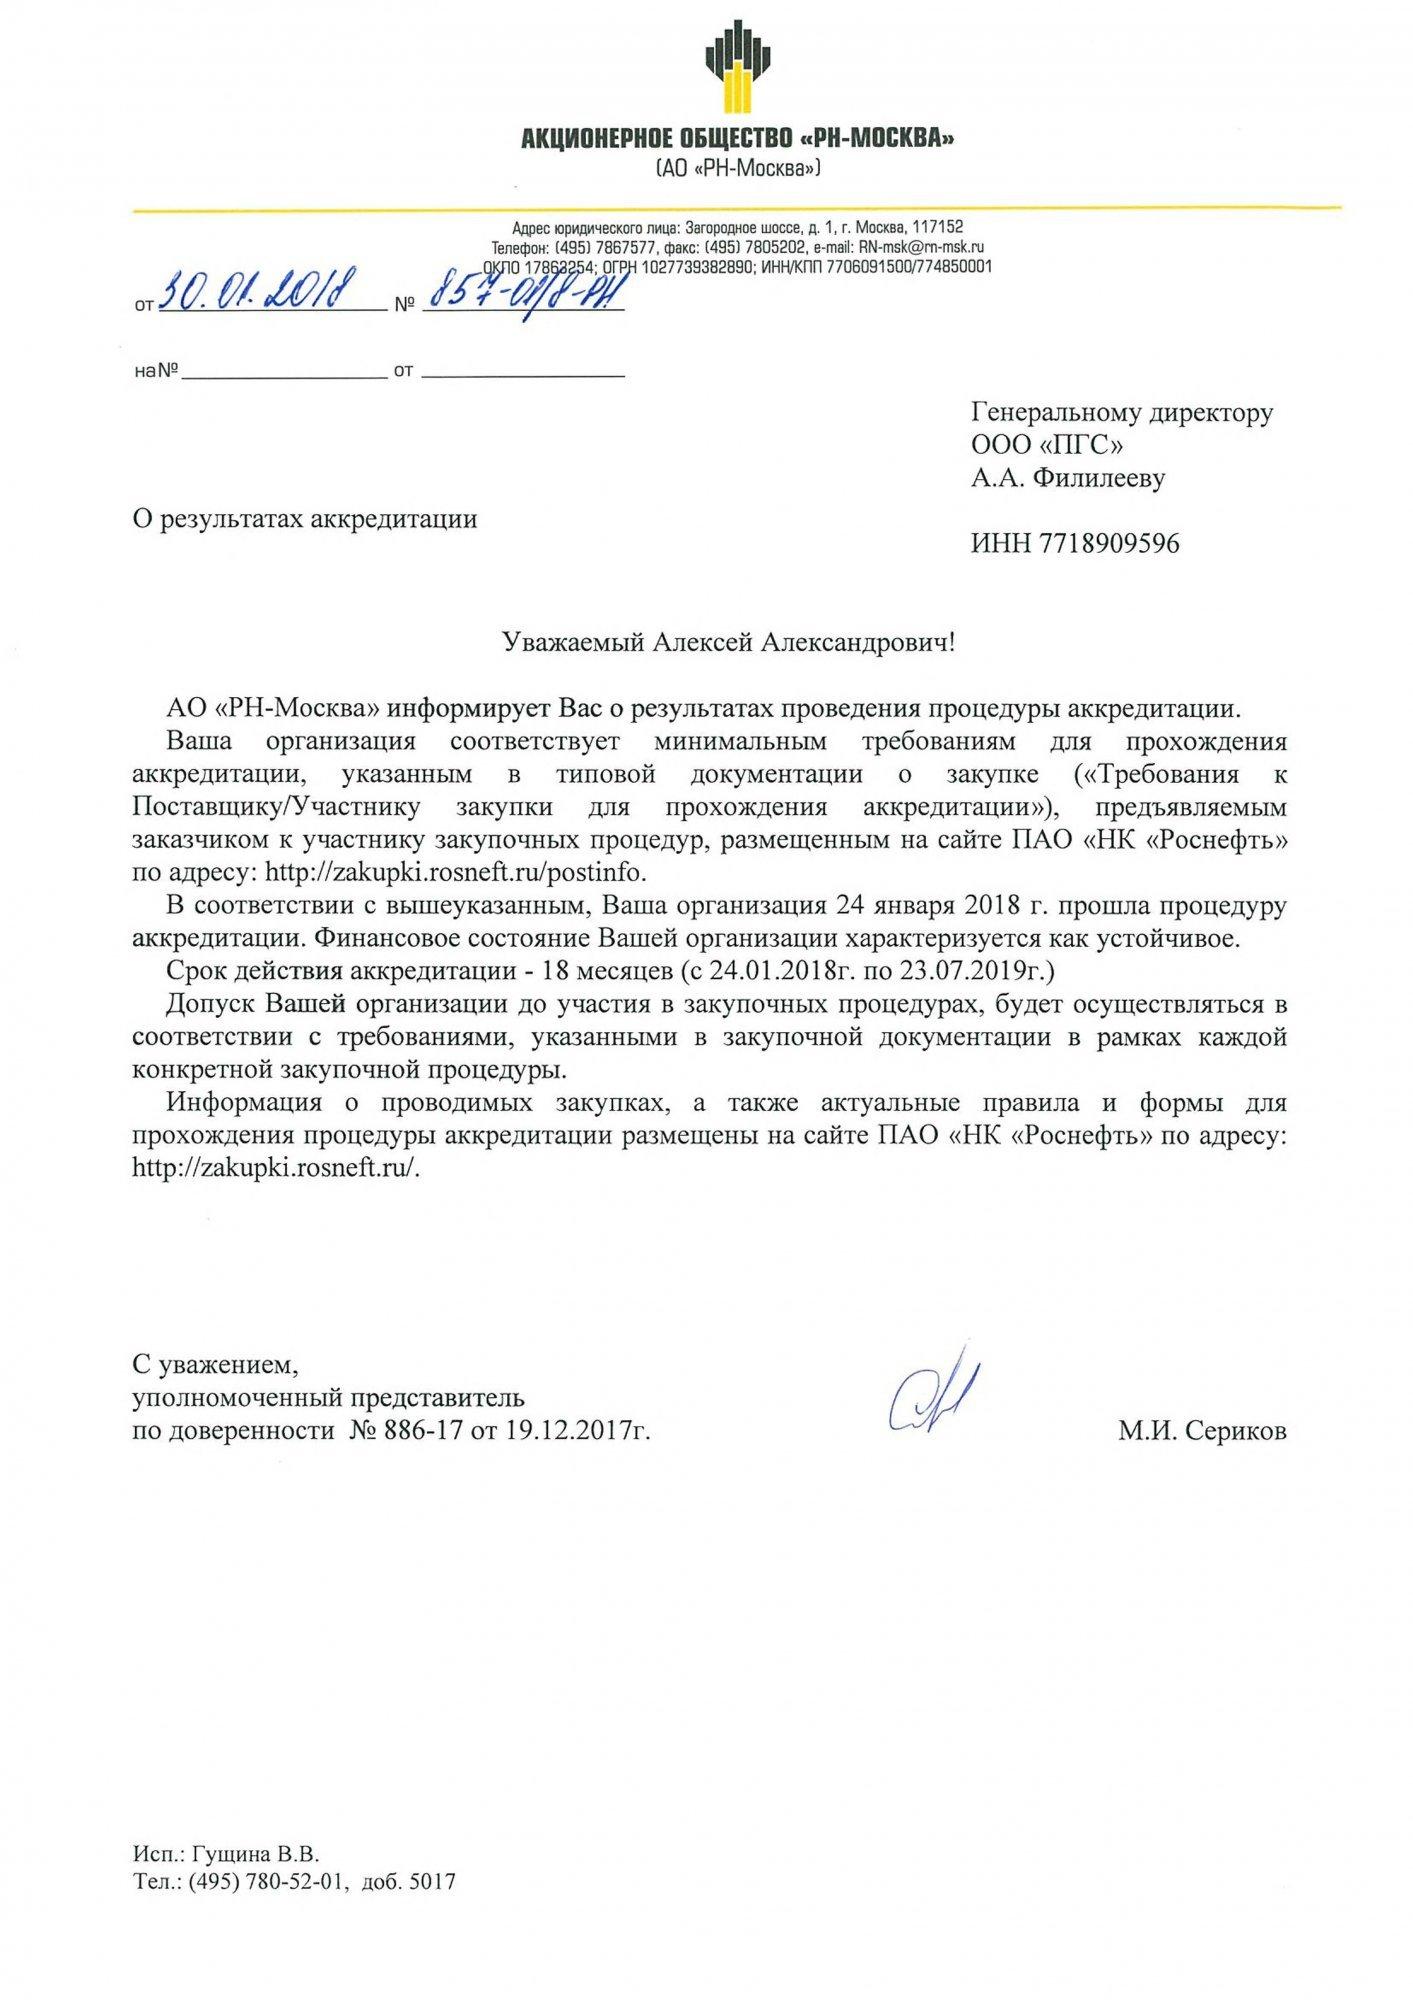 Компания «ПГС» аккредитована в ПАО «НК  Роснефть»